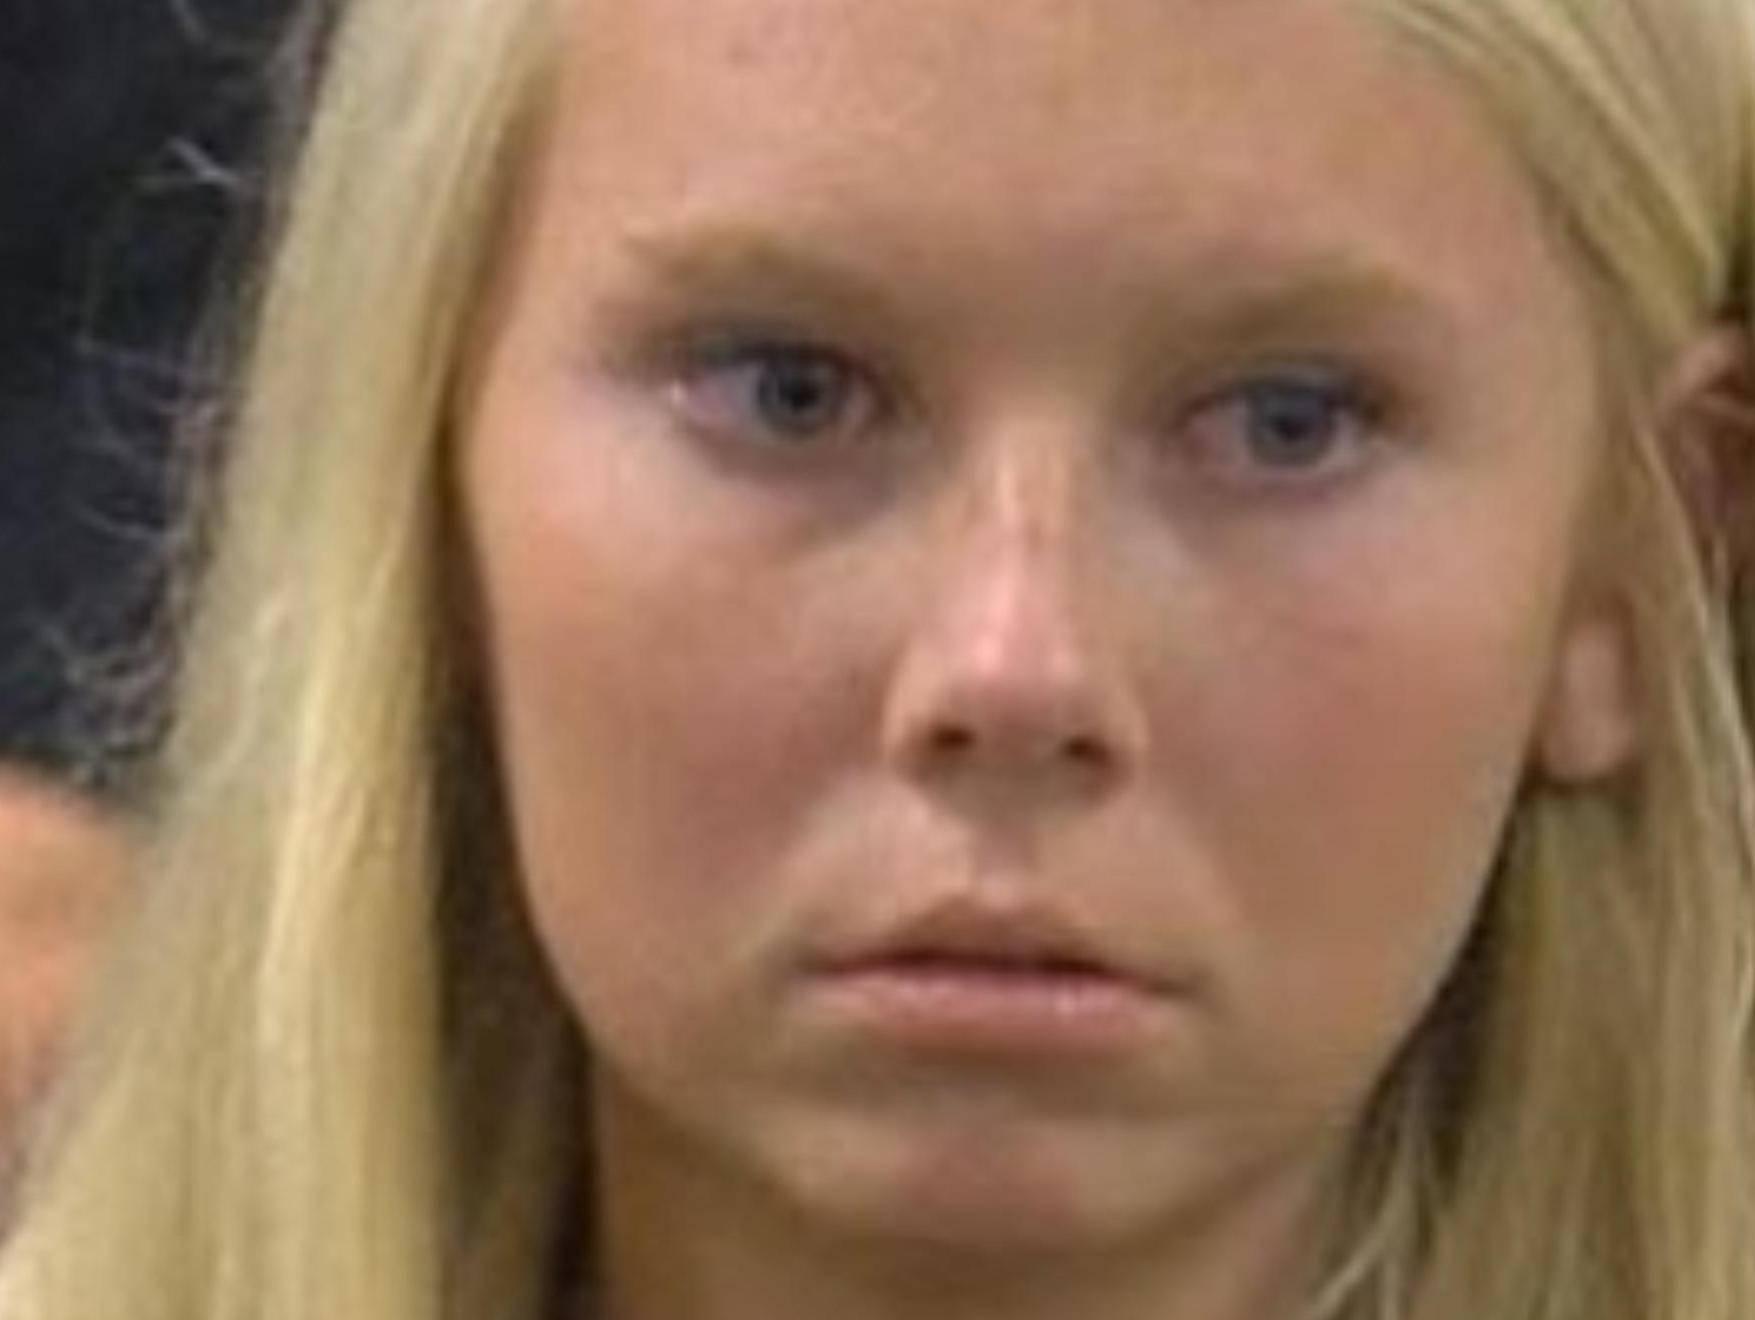 A nije u zatvoru: Djevojka (19) rodila bebu, ubila je i zakopala?